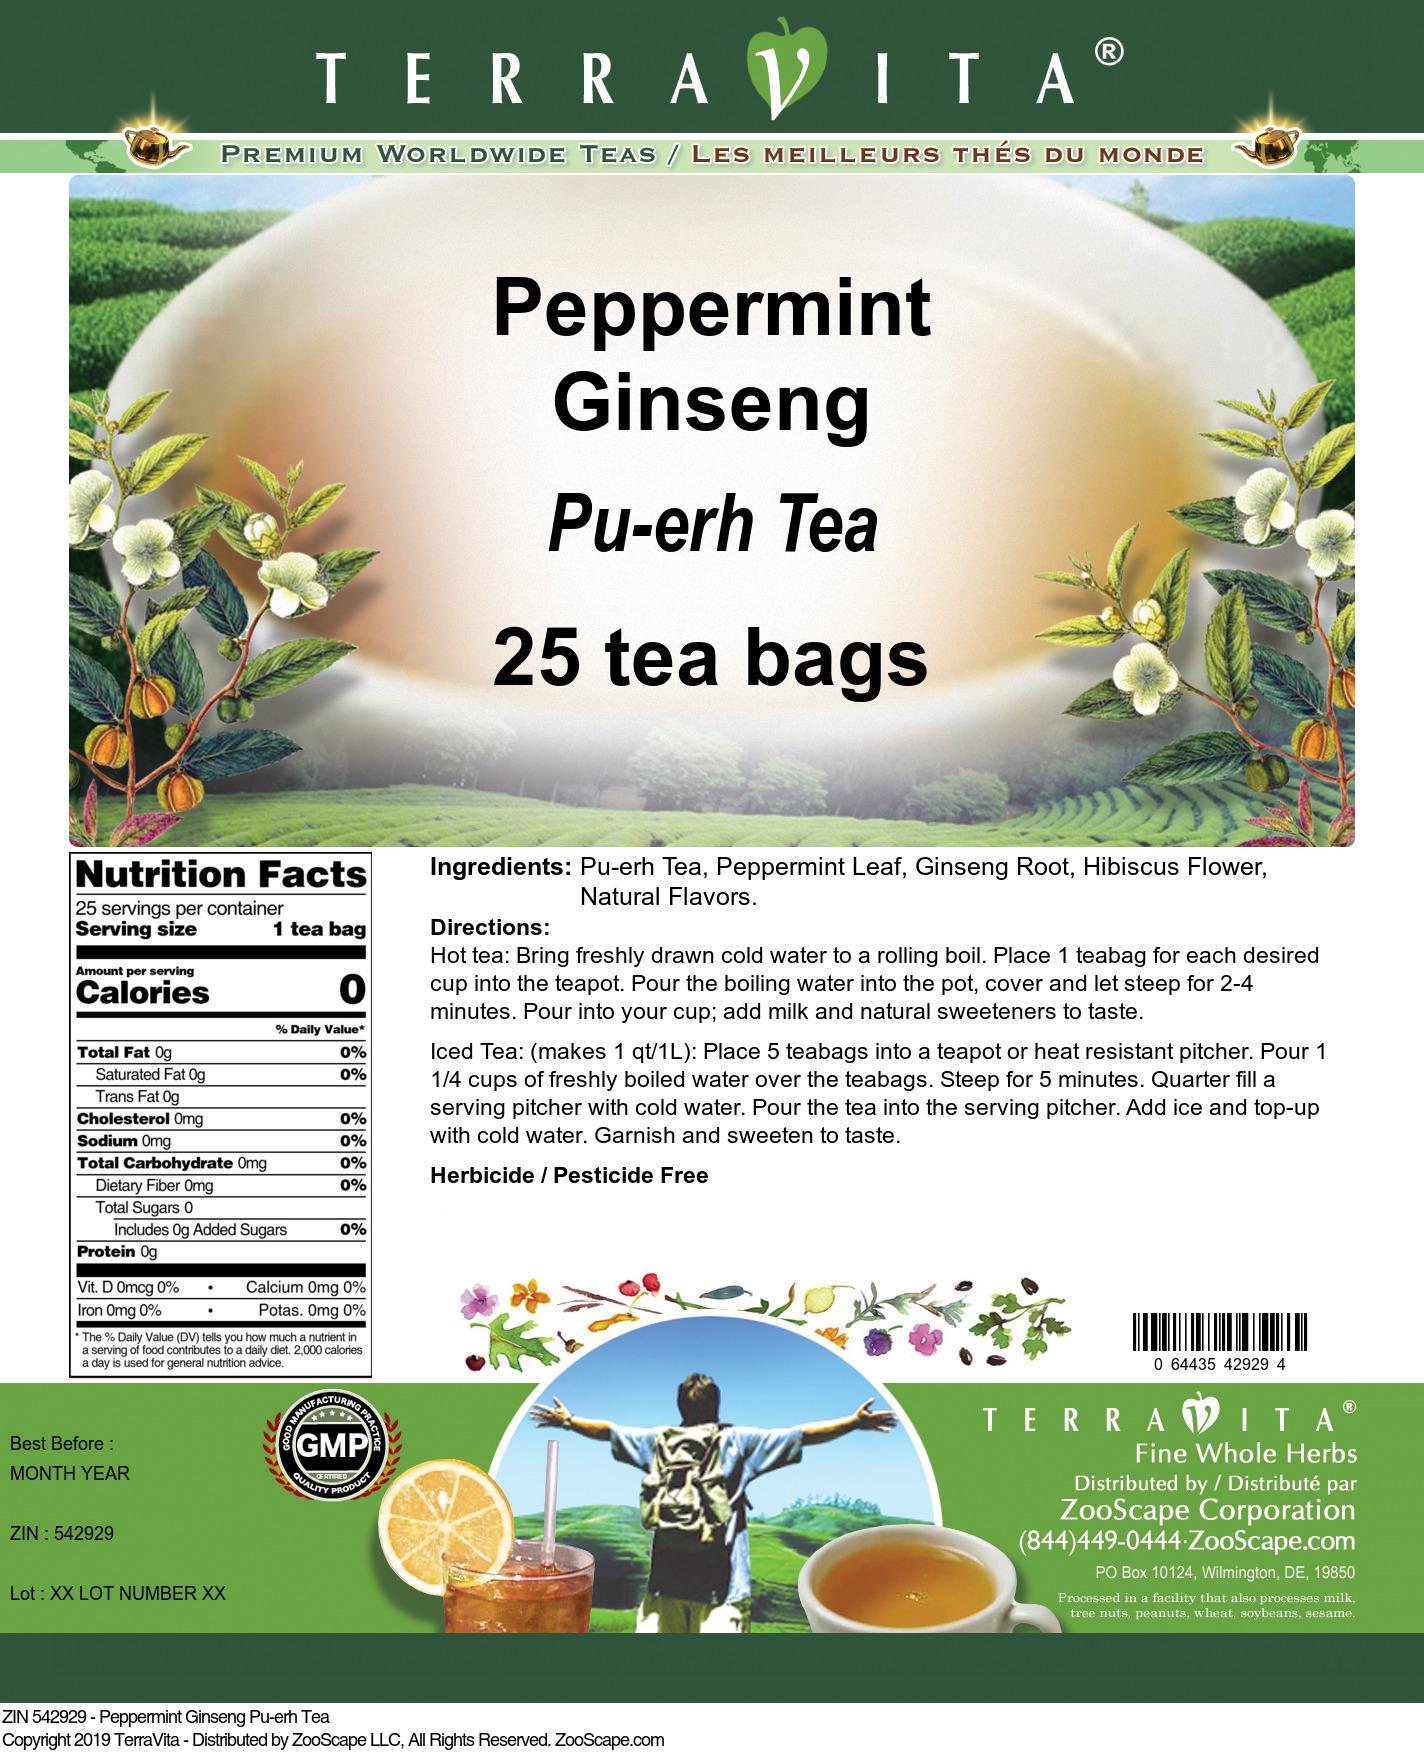 Peppermint Ginseng Pu-erh Tea